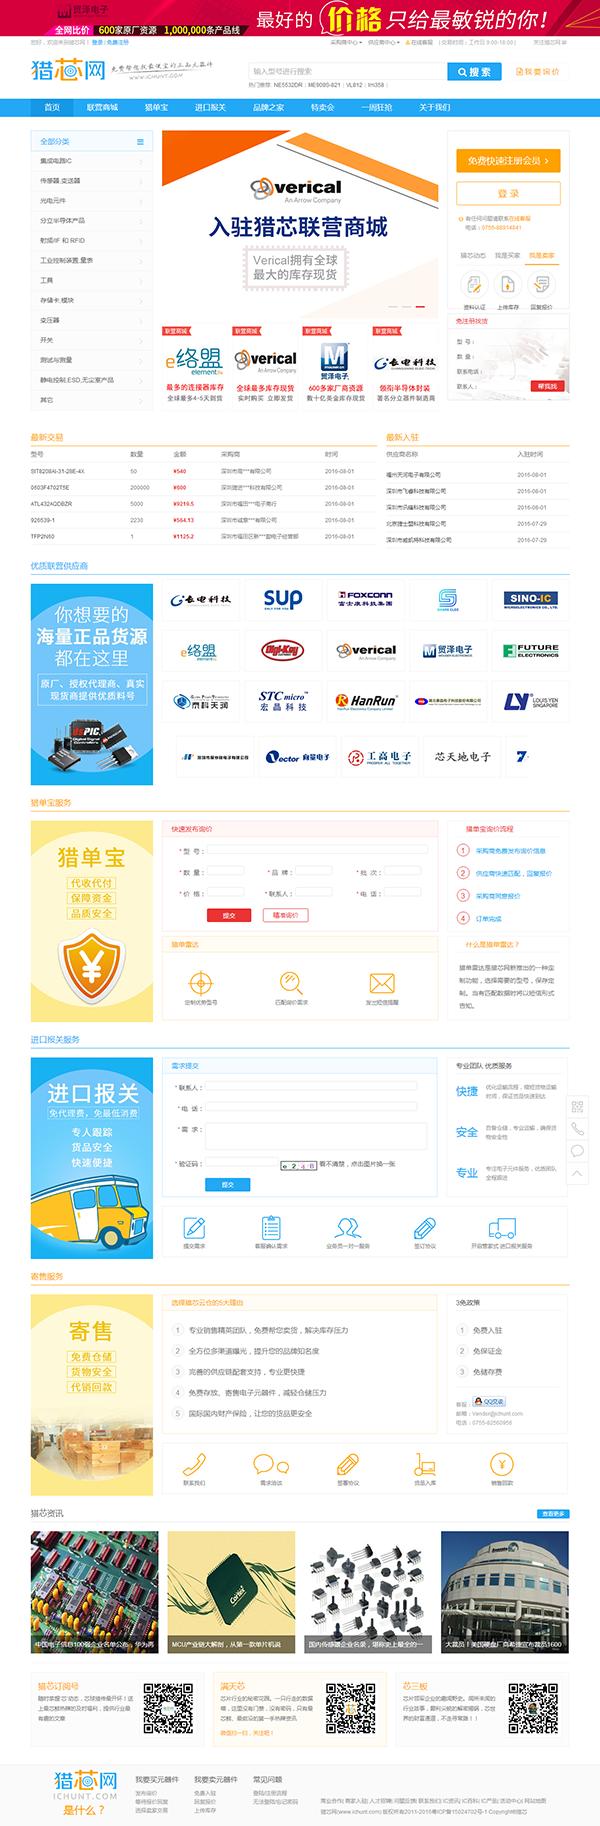 猎芯网-面向中小企业的电子元器件B2B电商.png